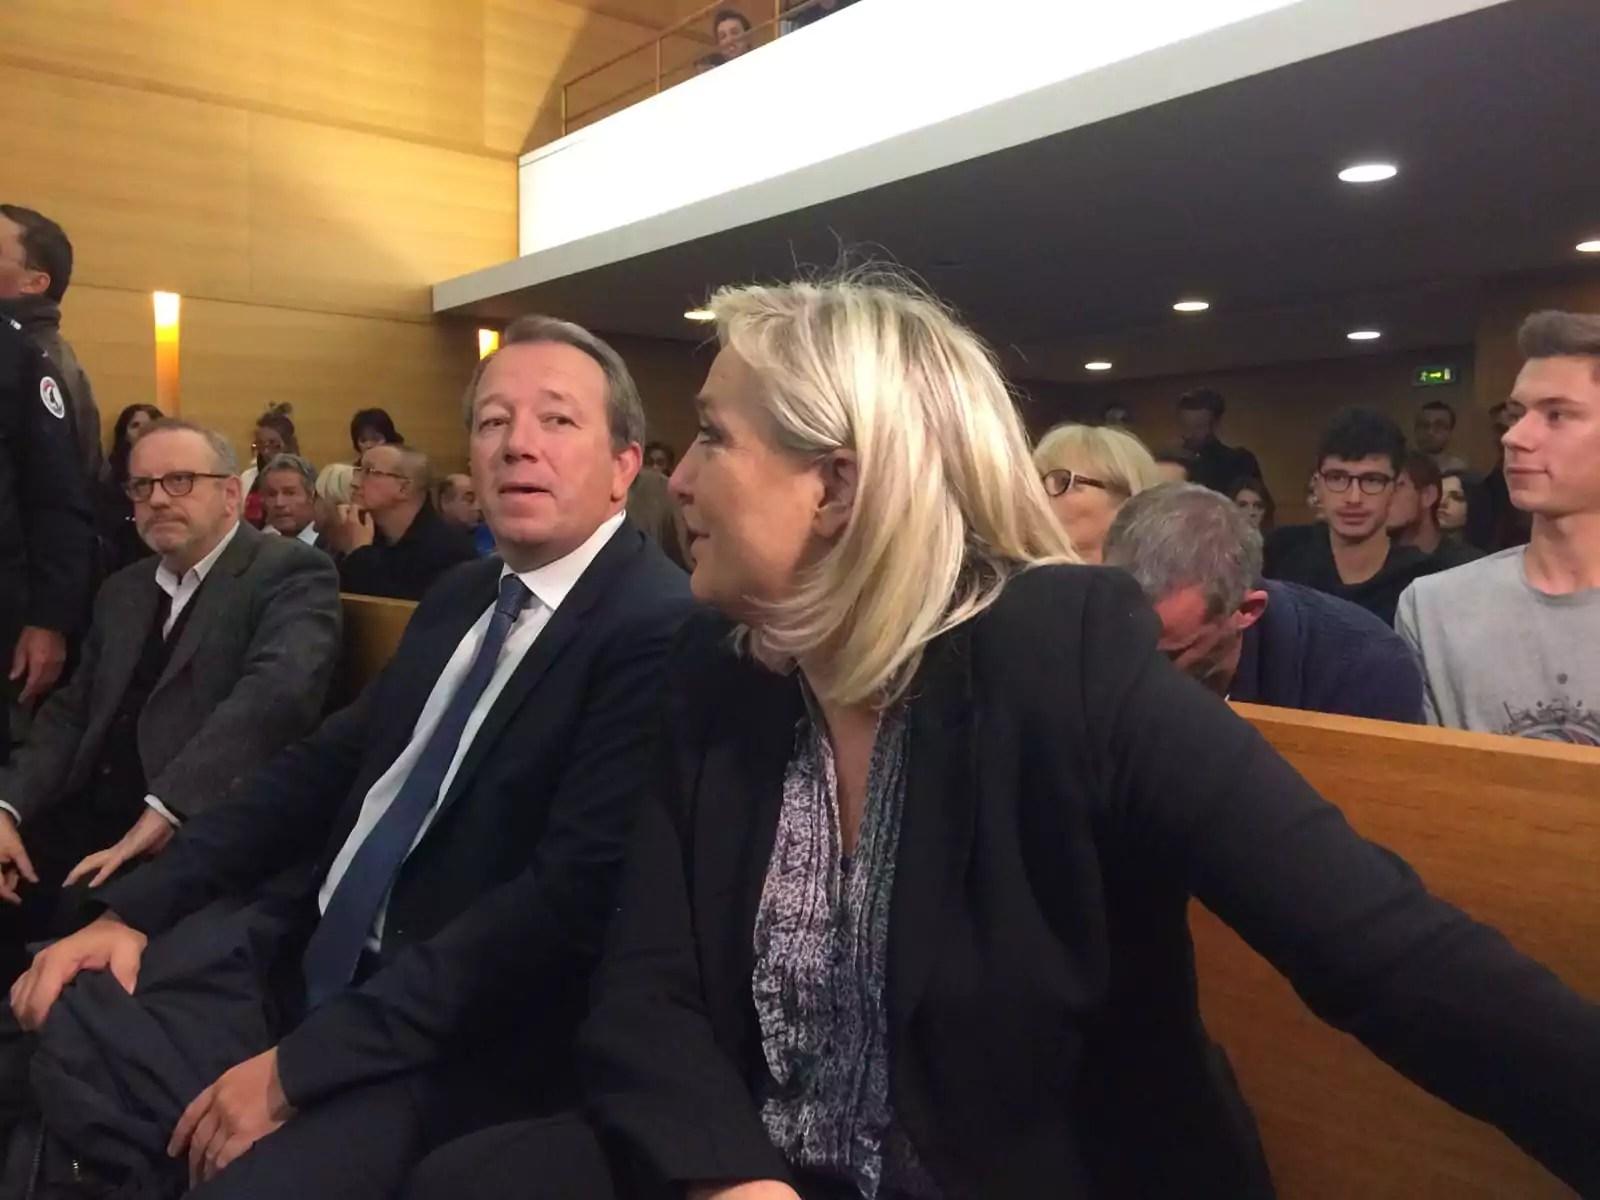 Marine Le Pen sur le banc des accusés au tribunal correctionnel de Lyon. A sa droite, Christophe Boudot, chef de file du FN pour les élections régionales en Auvergne-Rhône-Alpes. ©DR